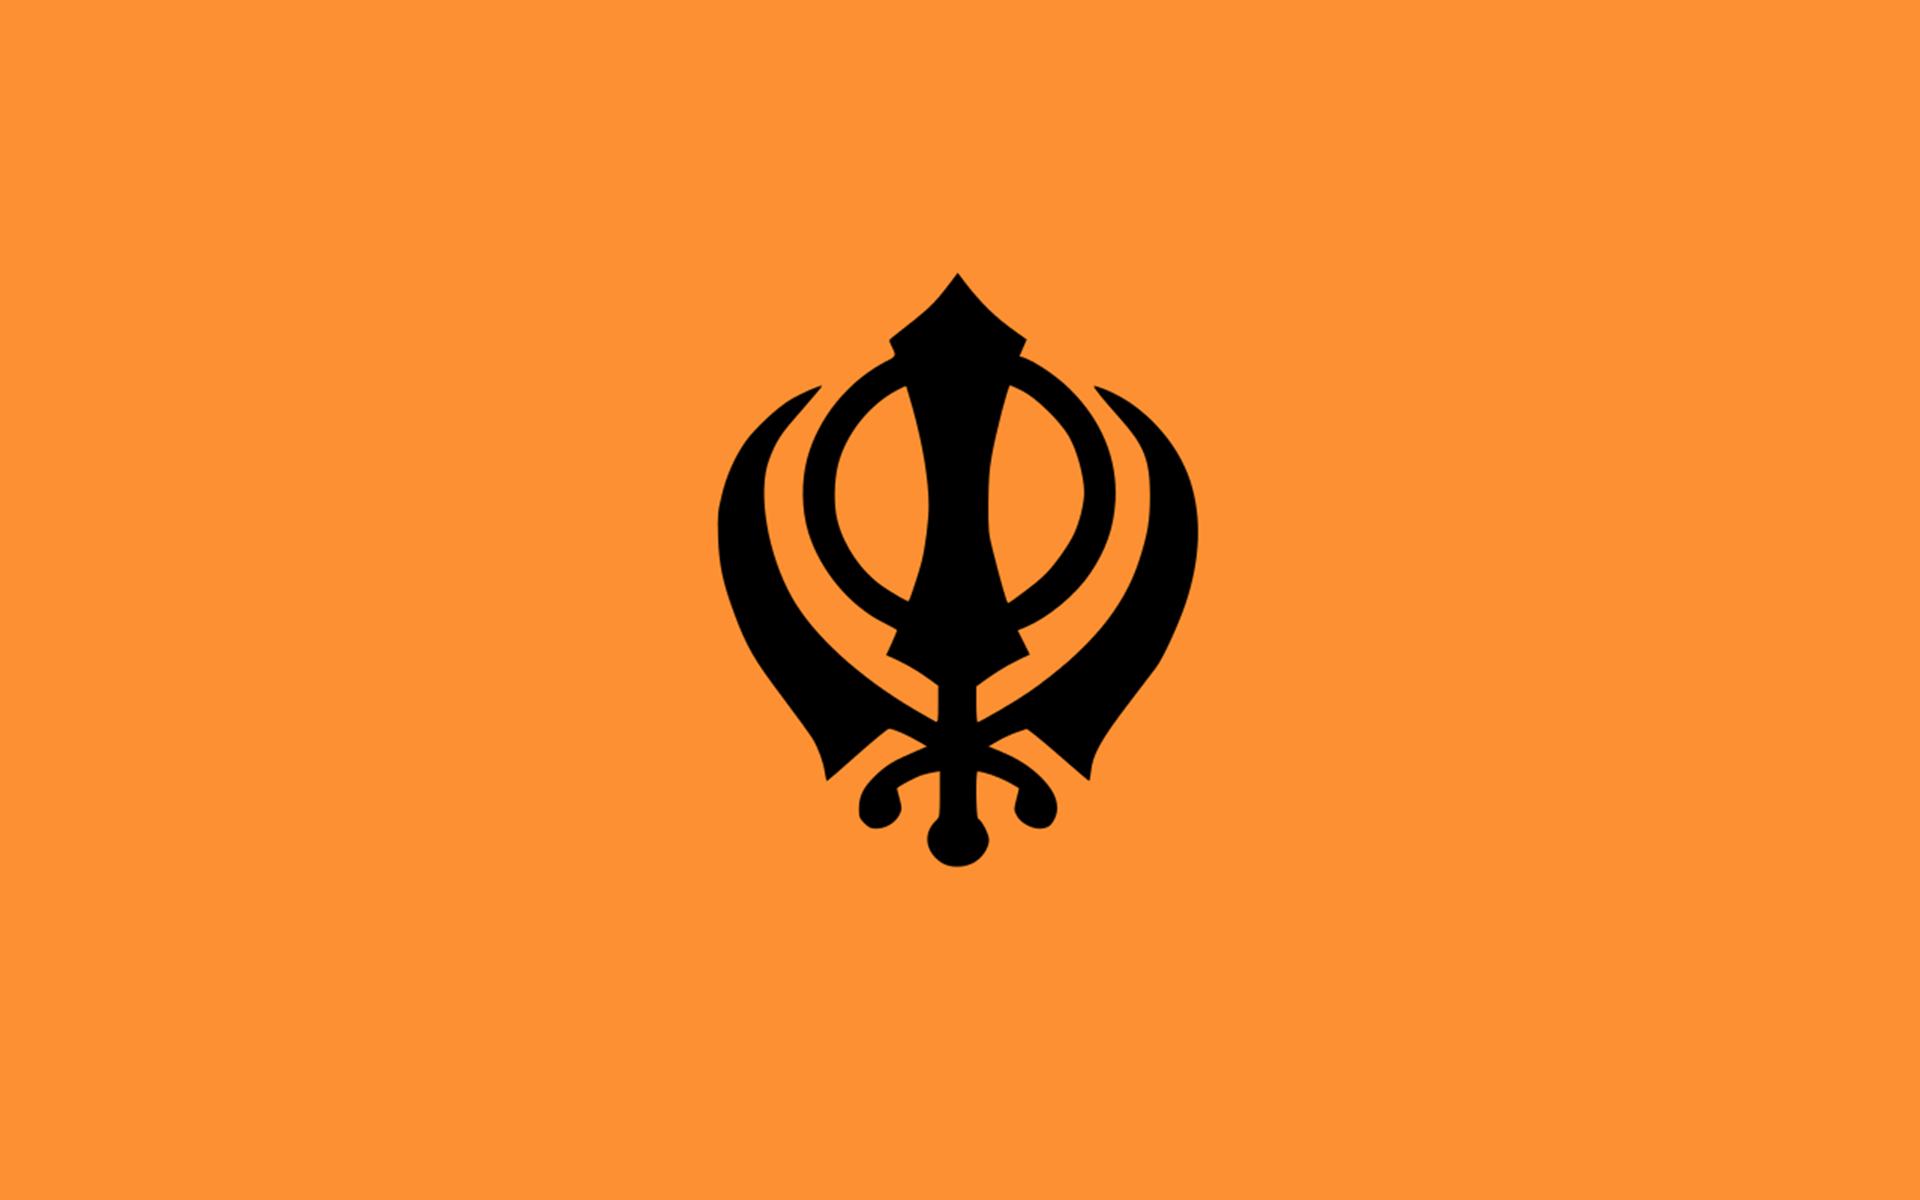 khanda sahib hd